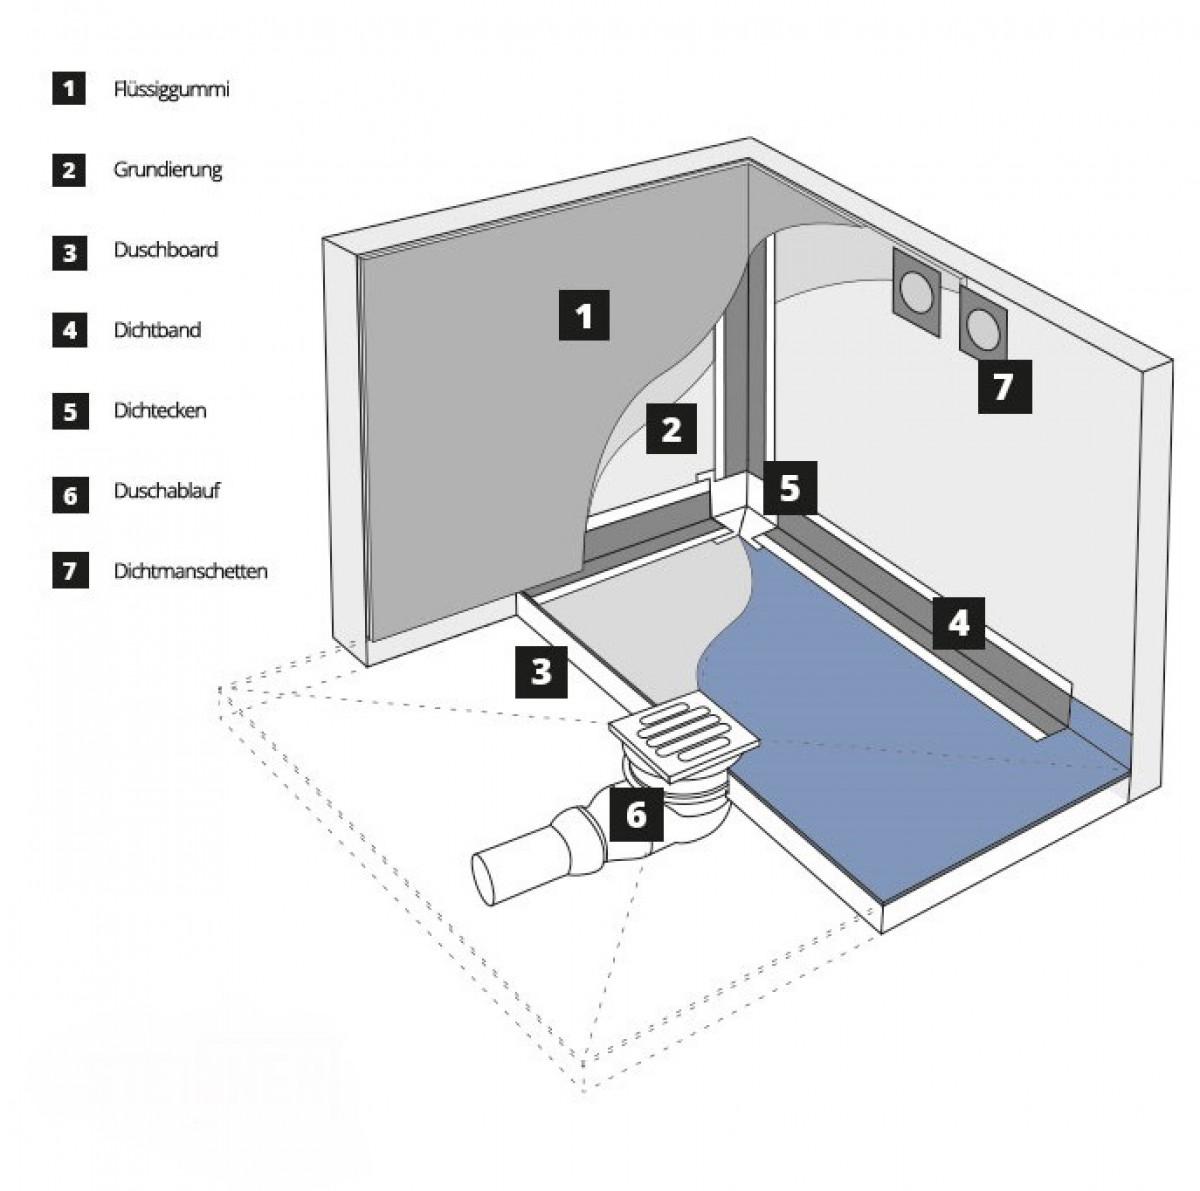 Dusche Bodeneben Bauen : Dusche Bad Duschelement Duschboard Wandablauf Duschtasse befliesbar